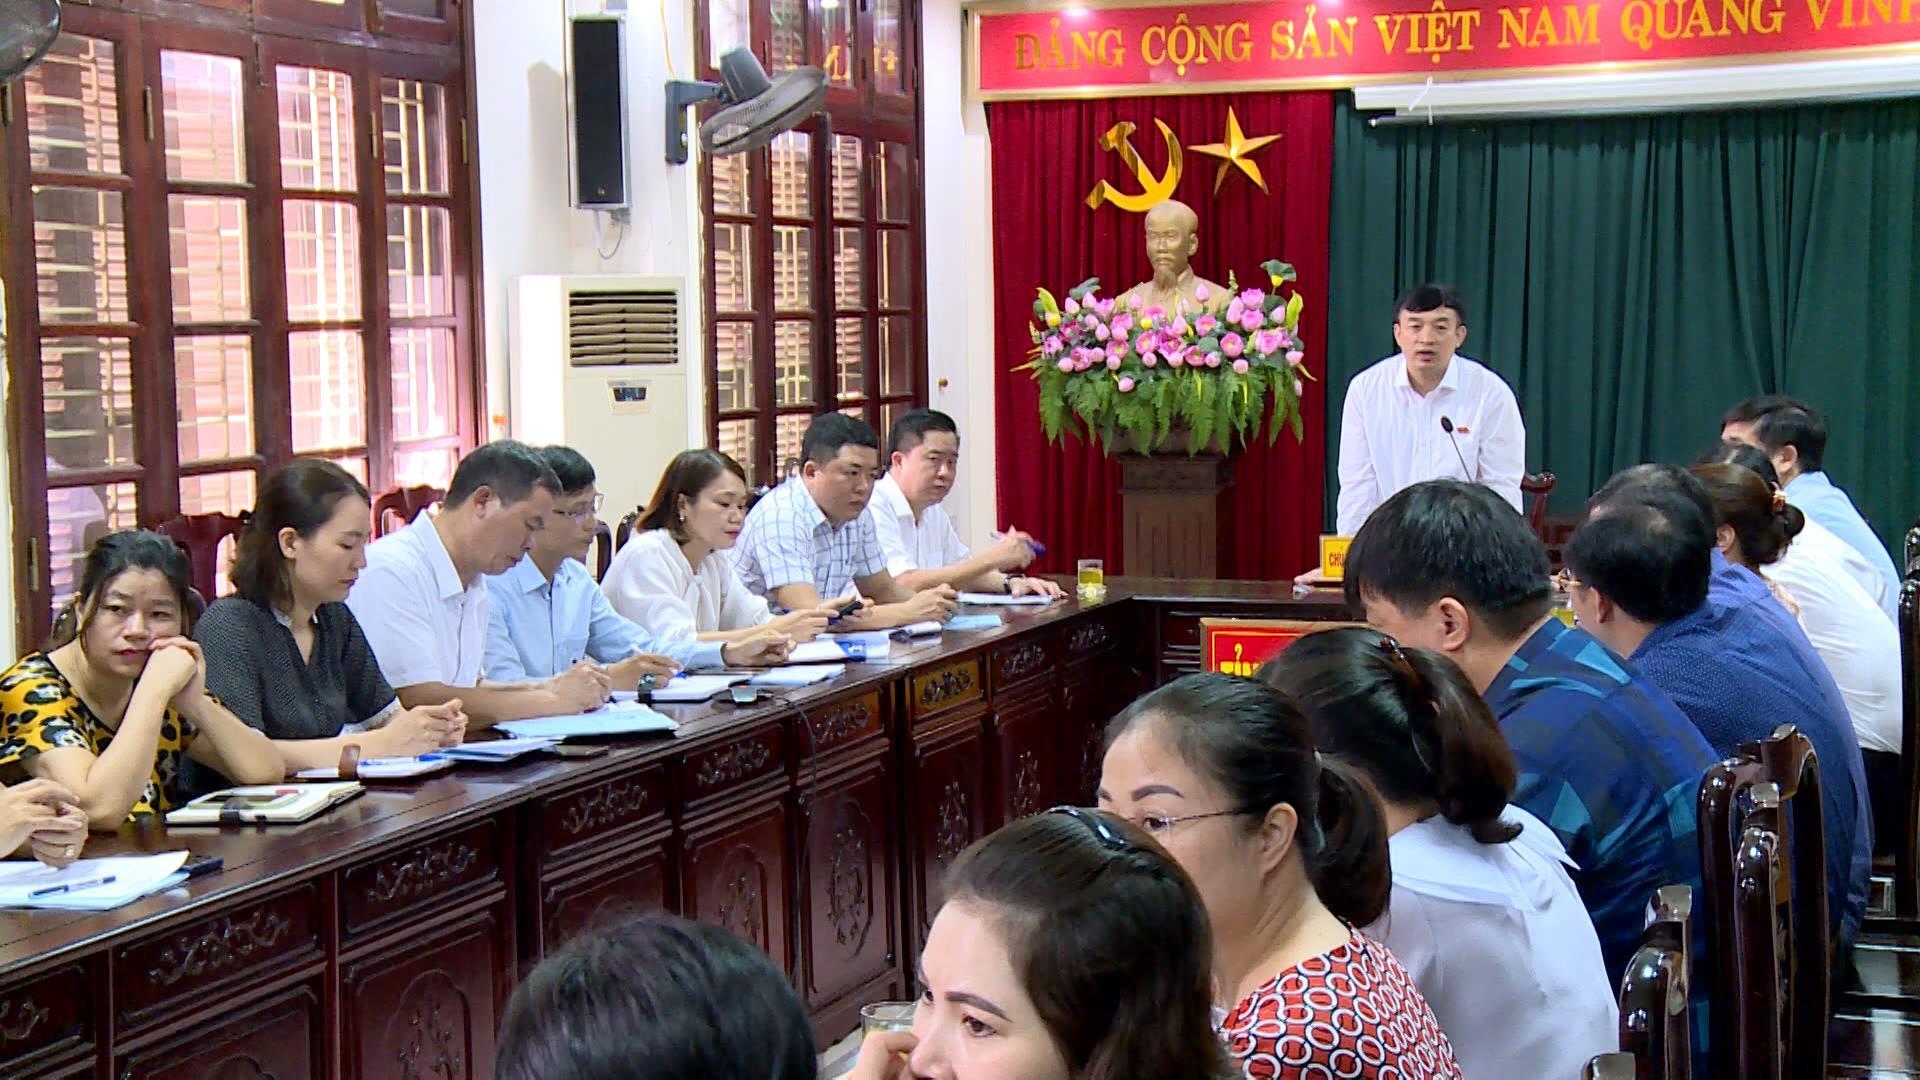 Mặt trận tổ quốc Việt Nam tập huấn công tác dân chủ, pháp luật năm 2020